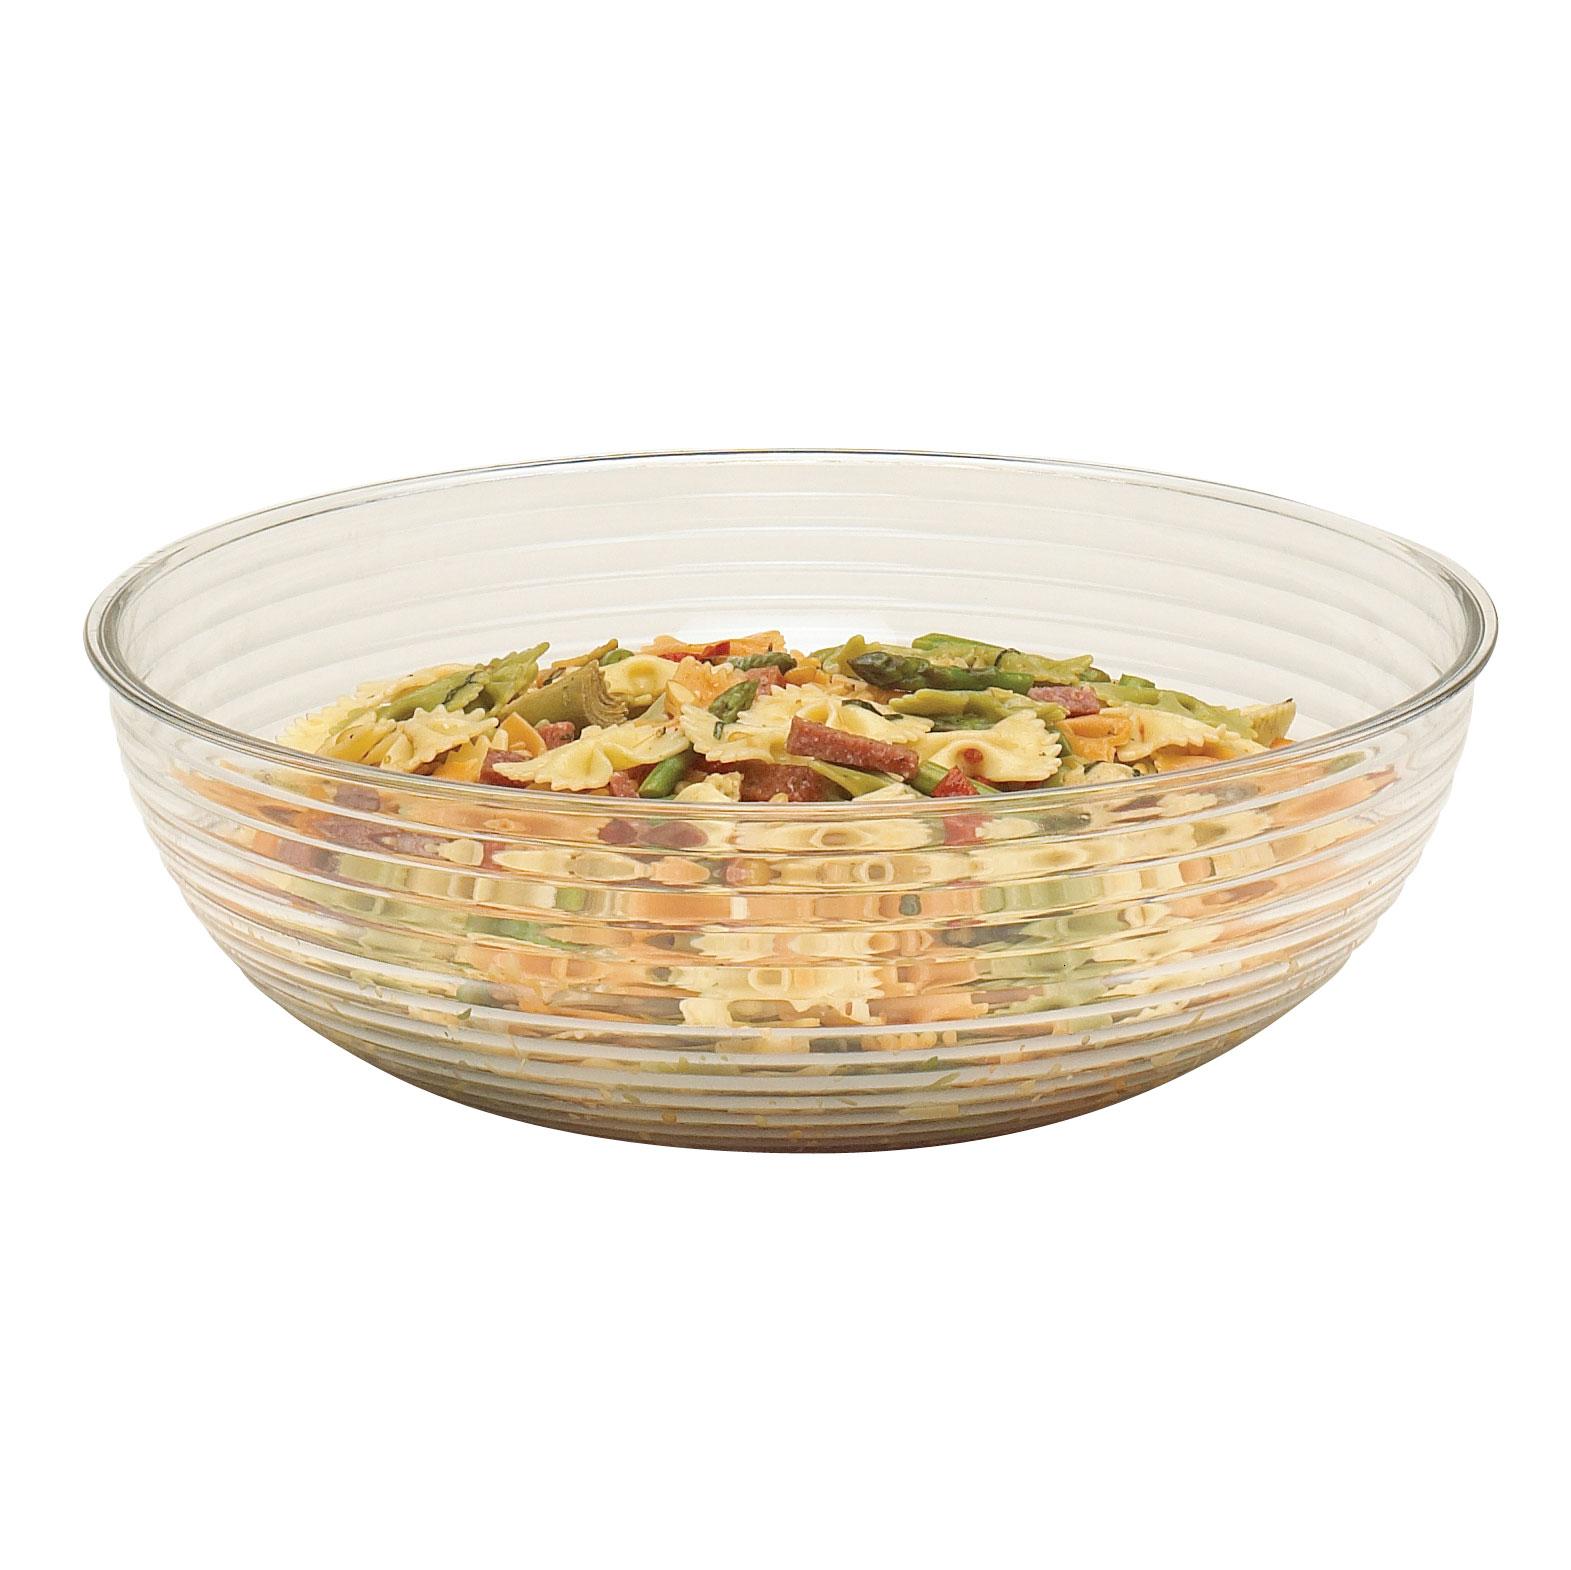 Cambro RSB10CW135 bowls (non disposable)